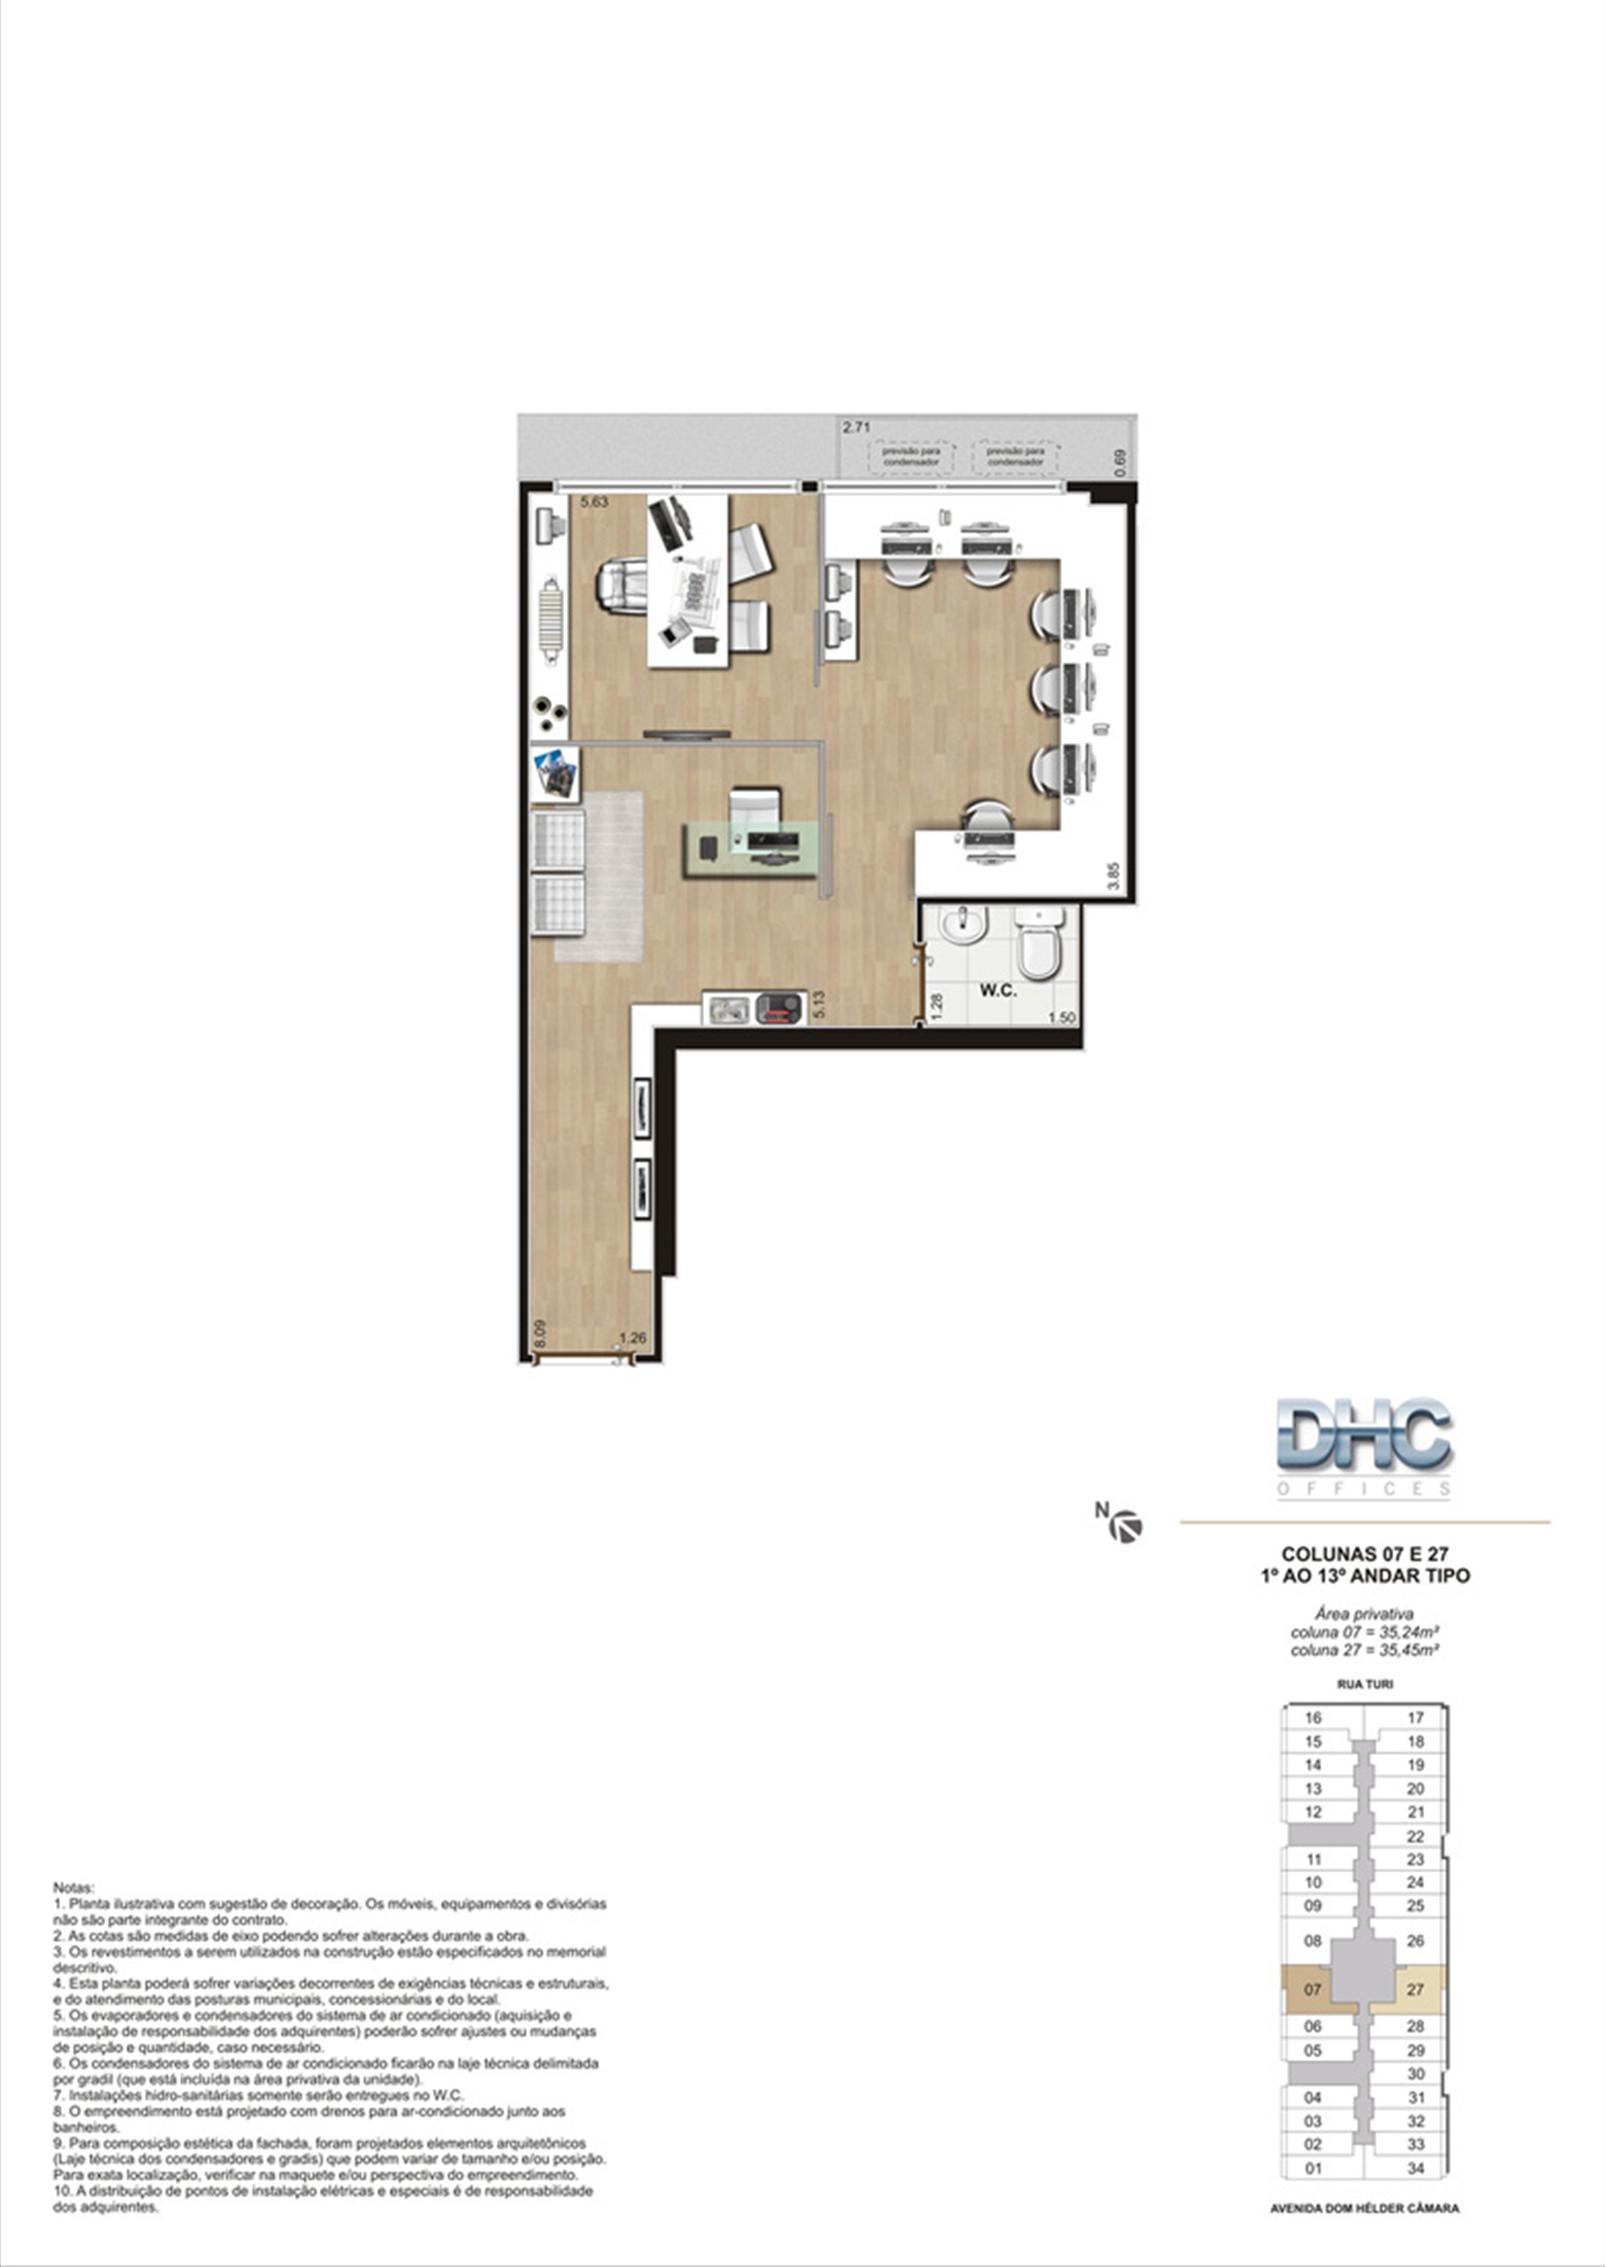 Colunas 07 e 27 -1° ao 13º andar tipo | DHC Offices – Salas Comerciaisem  Pilares - Rio de Janeiro - Rio de Janeiro